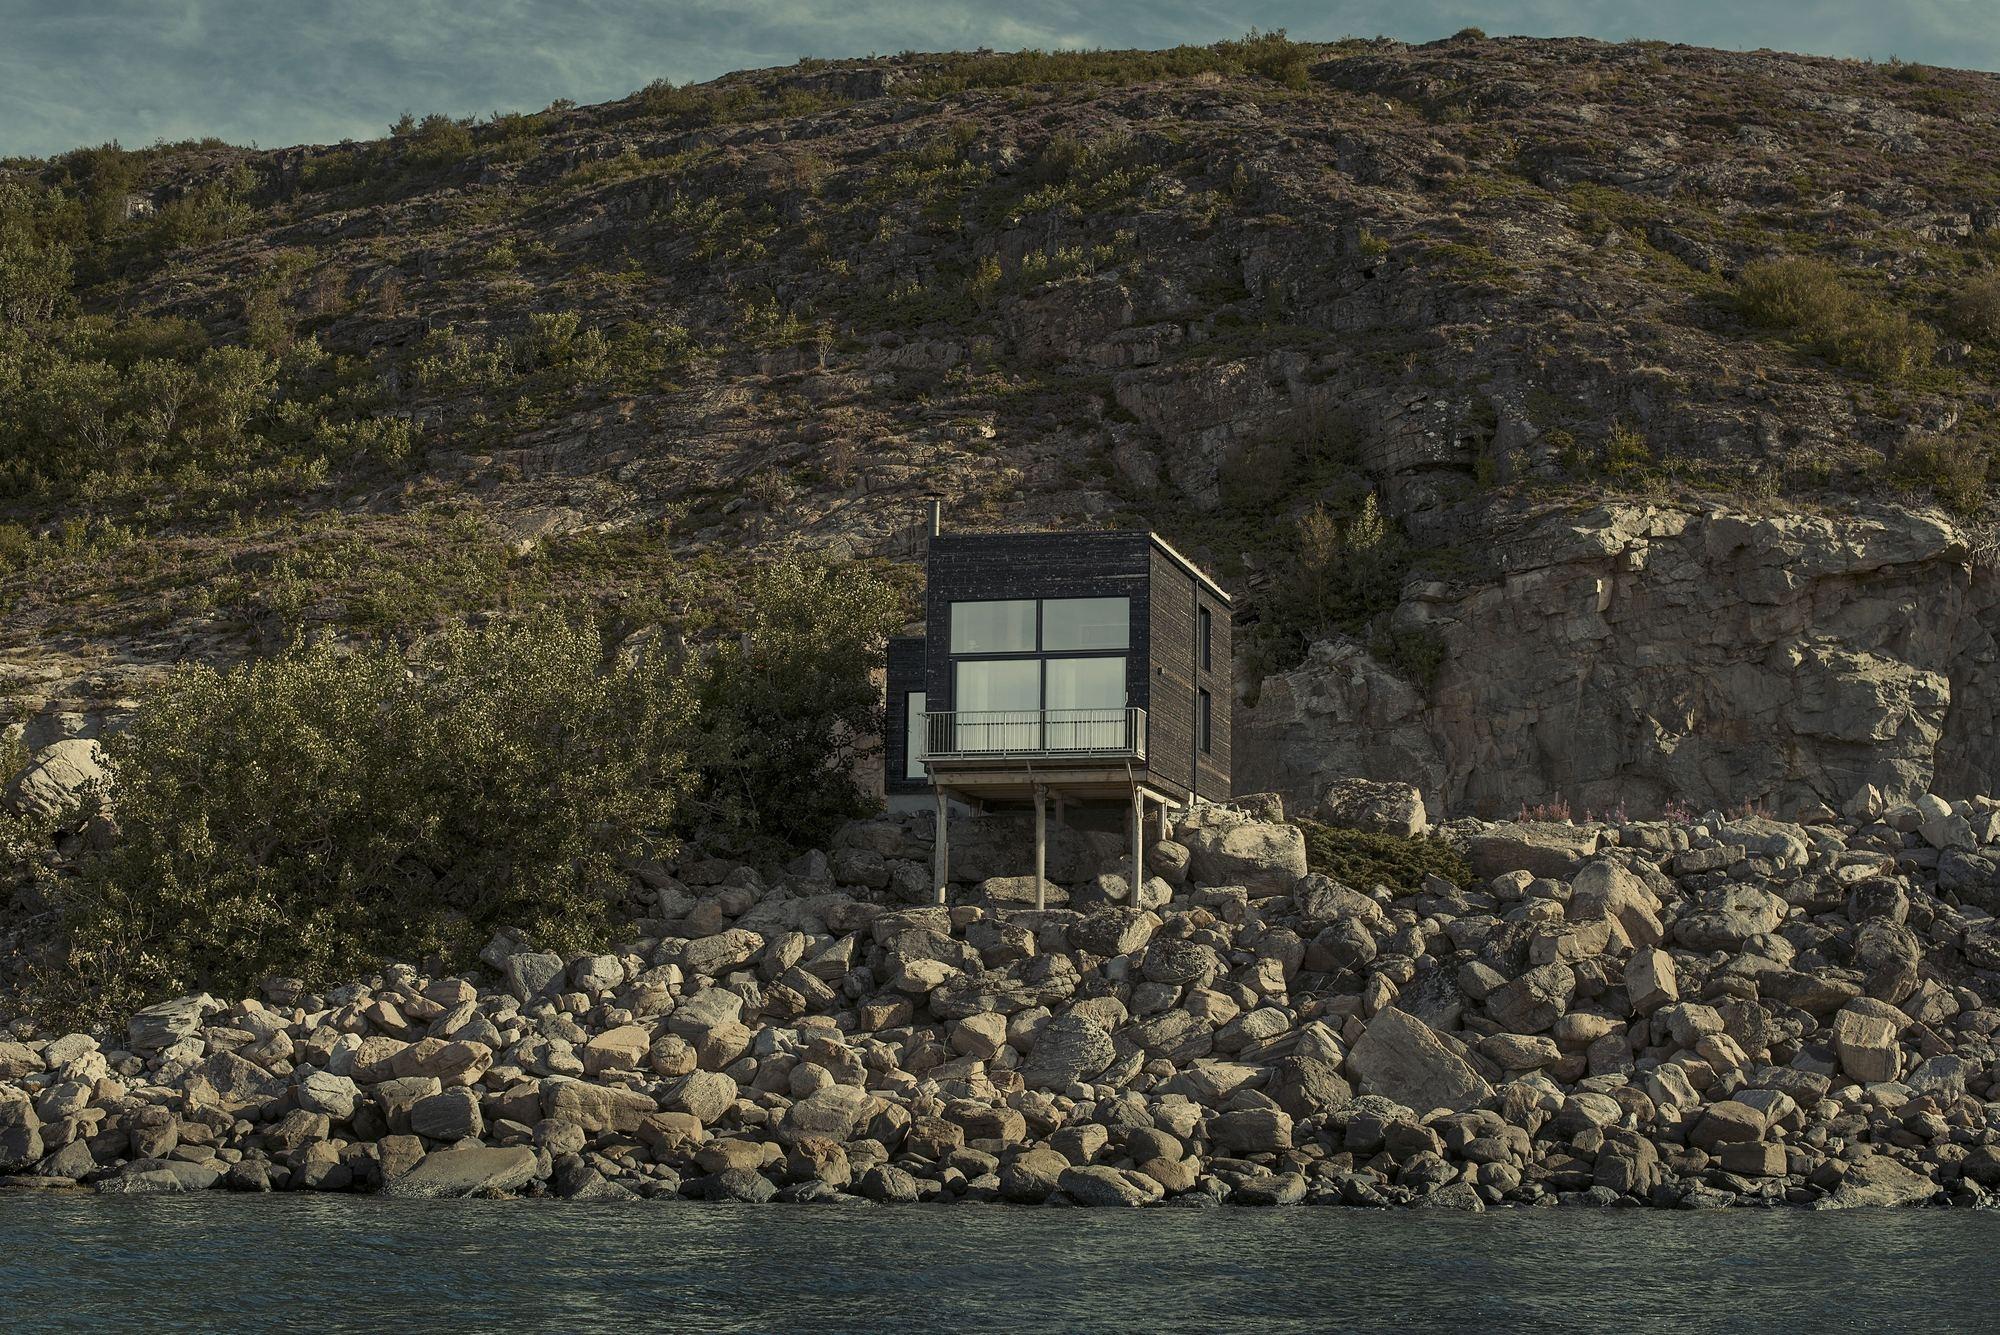 hadars-house-asante-architecture-gessato-4-1360x908